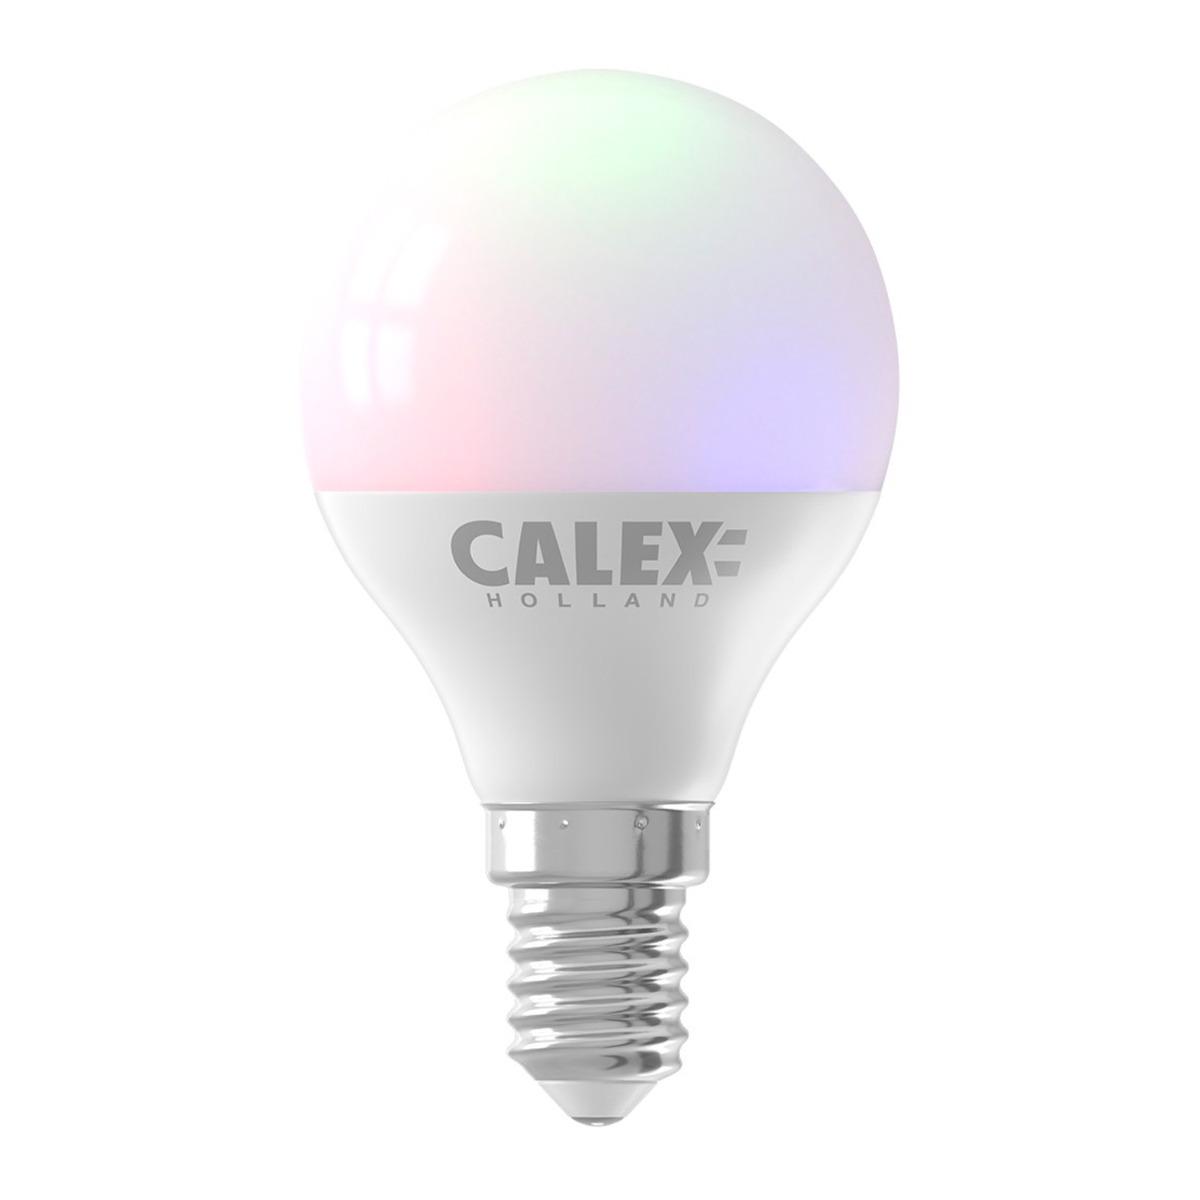 Bilde av Calex Smart Sfærisk Led Pære E14 5w 470lm 2200-4000k | Tuya Wifi - Color Ambiance + Innstillbar Hvit